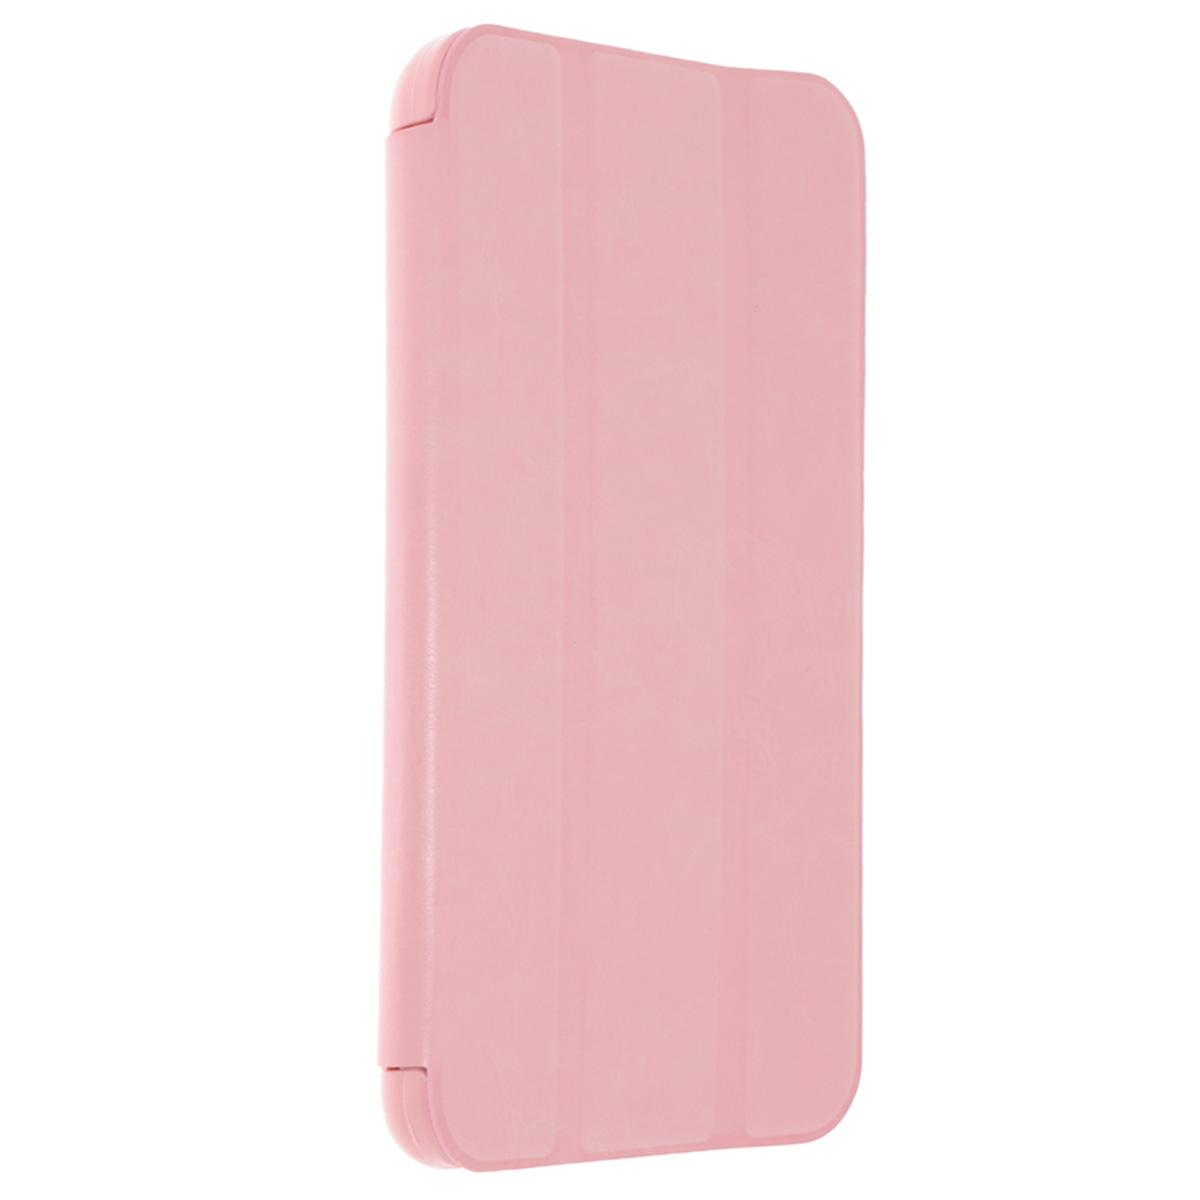 Tutti Frutti Smart Skin чехол для Samsung Tab 3 Lite 7.0, PinkTF301707Чехол-смарт Tutti Frutti Smart Skin для Samsung Tab 3 Lite 7.0 предназначен для защиты корпуса планшета от механических повреждений и царапин в процессе эксплуатации. Имеет свободный доступ ко всем разъемам и кнопкам устройства.